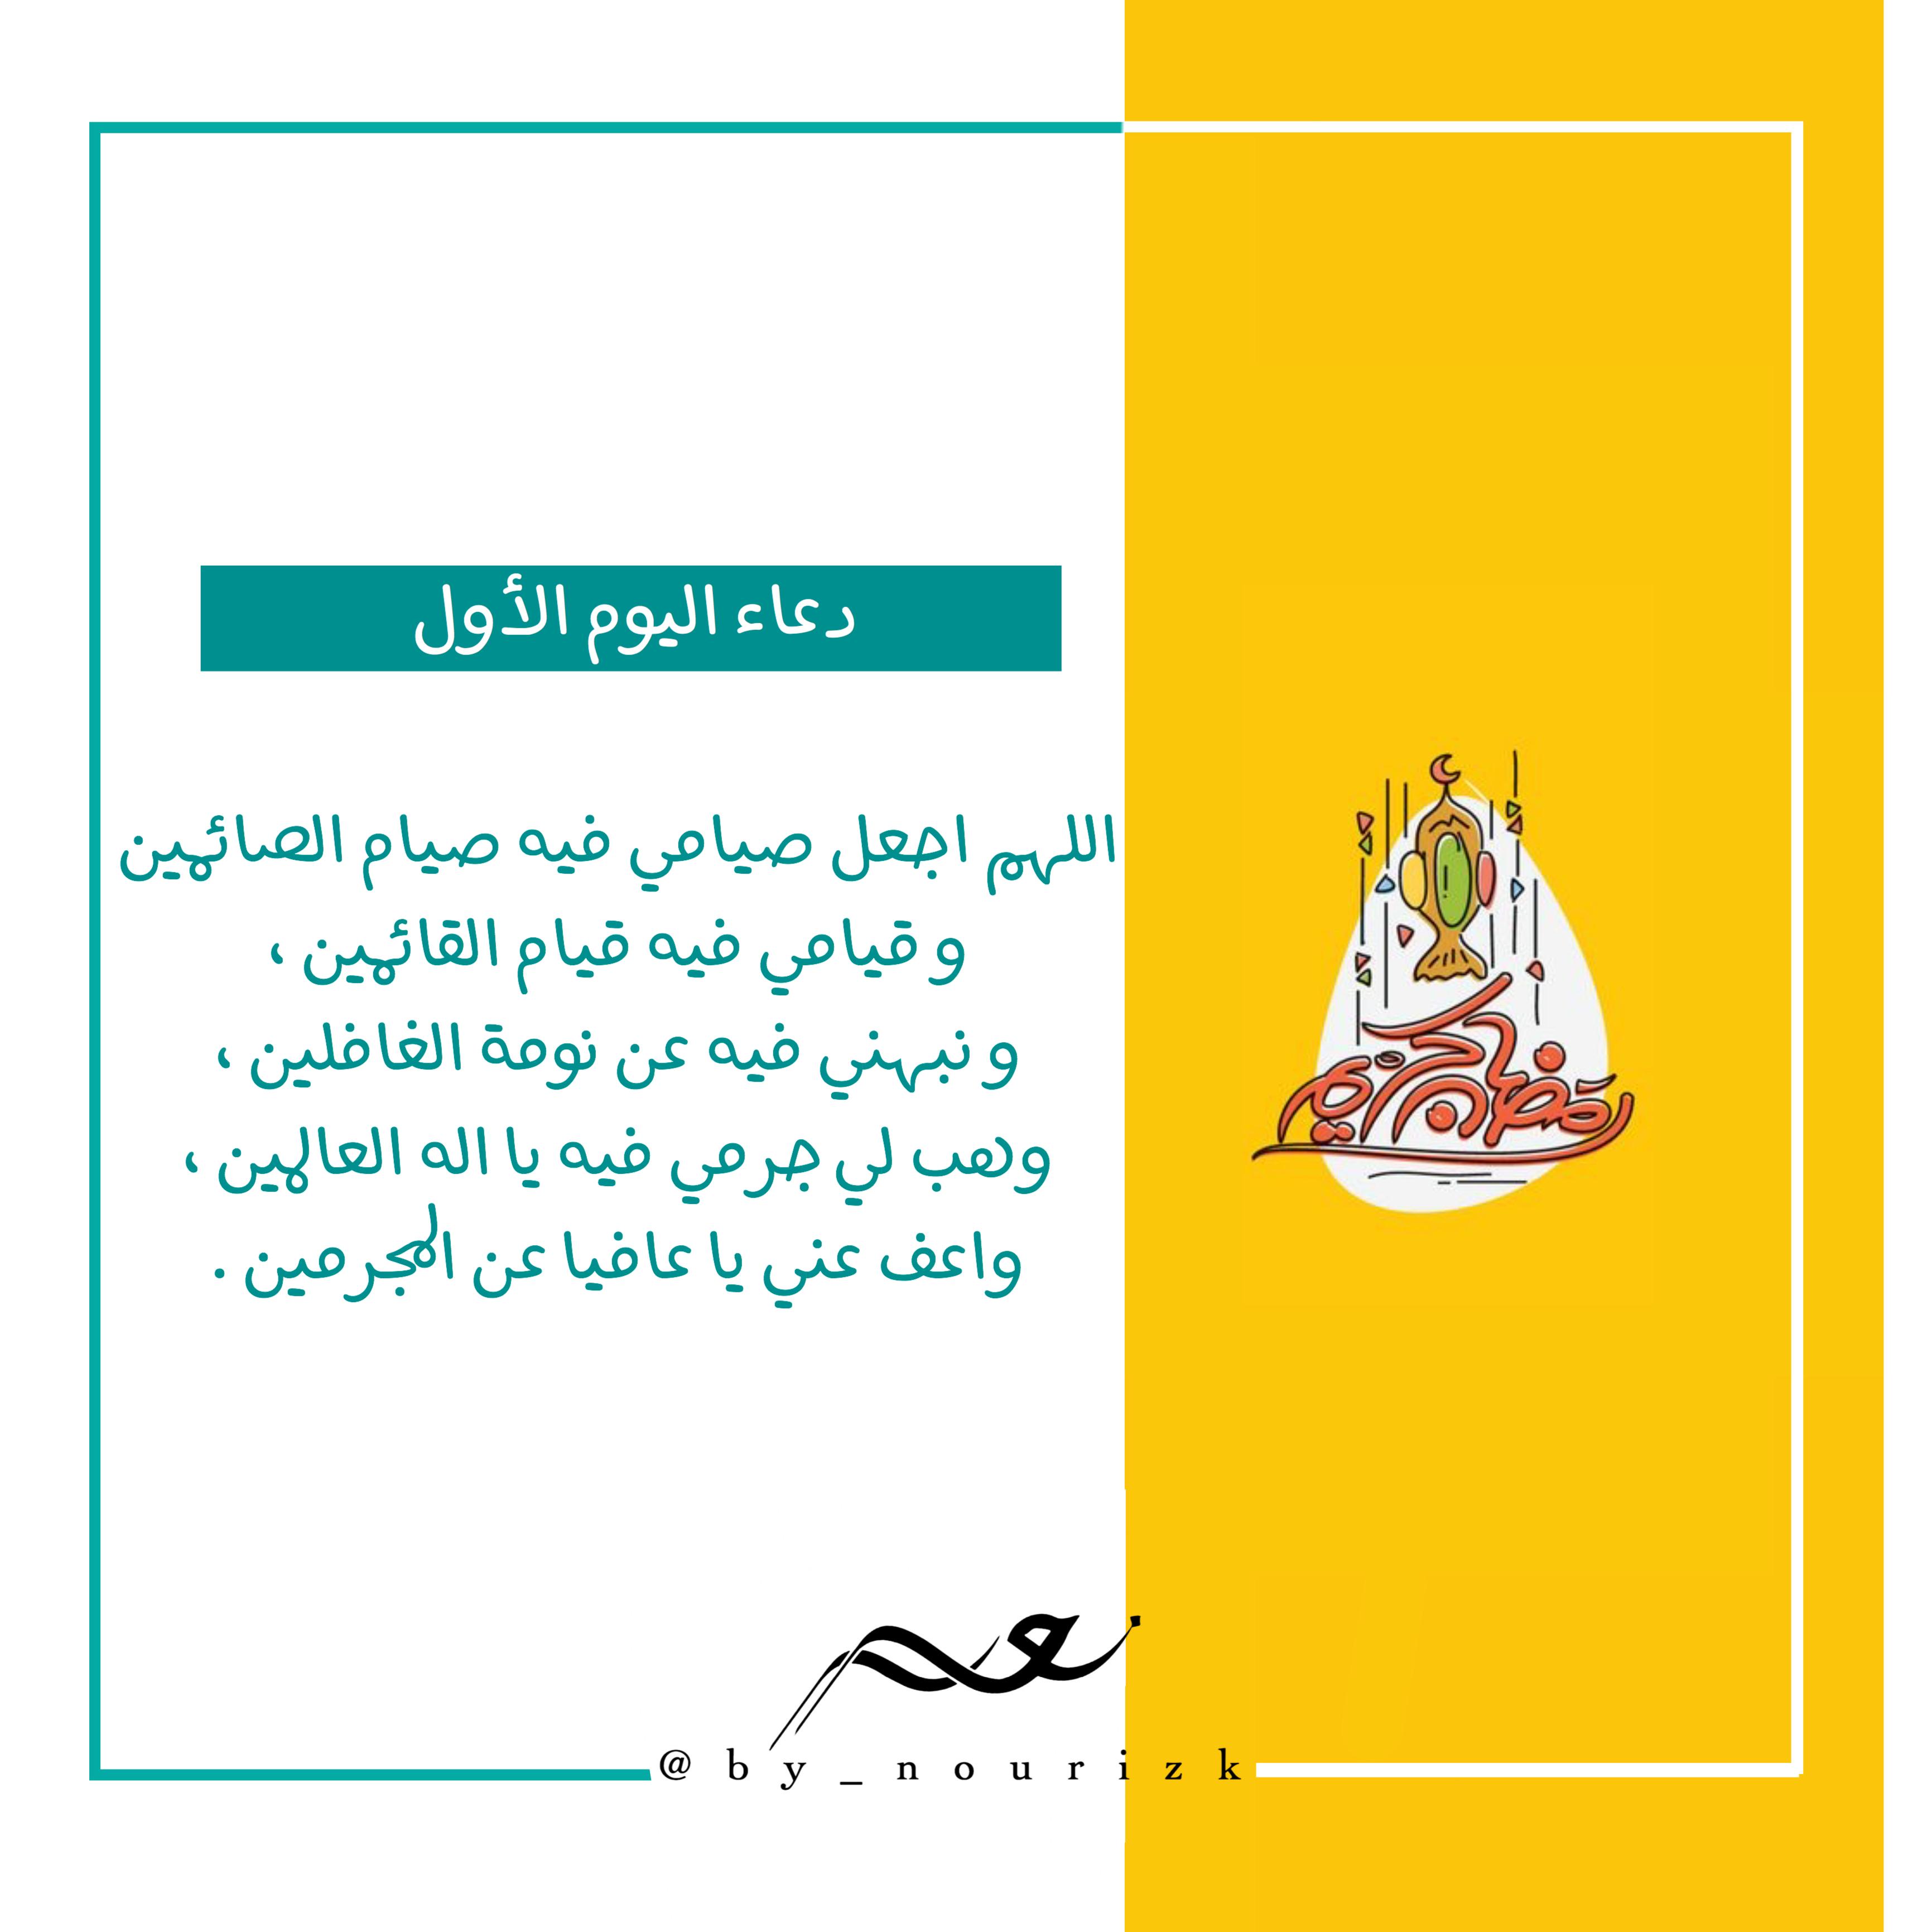 دعاء اليوم الأول من شهر رمضان Islamic Quotes Quran Islamic Quotes Ramadan